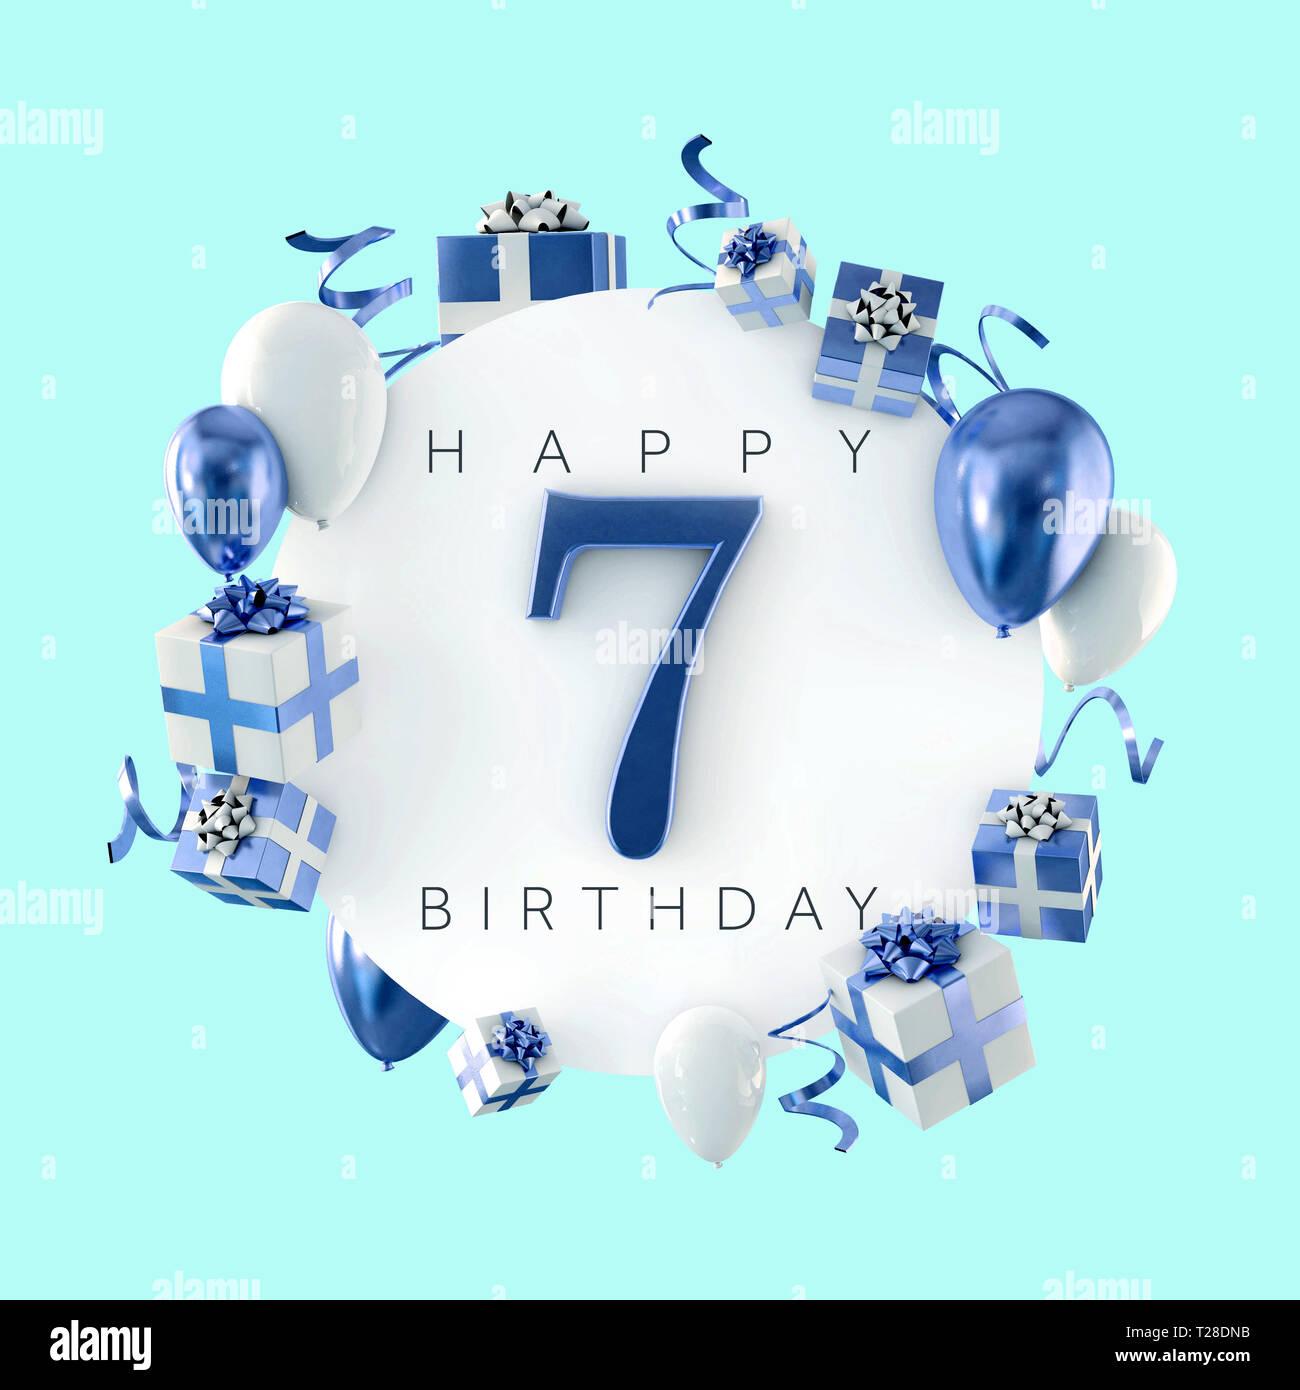 Happy 7th Birthday Party Zusammensetzung Mit Ballons Und Prasentiert 3d Rendering Stockfotografie Alamy